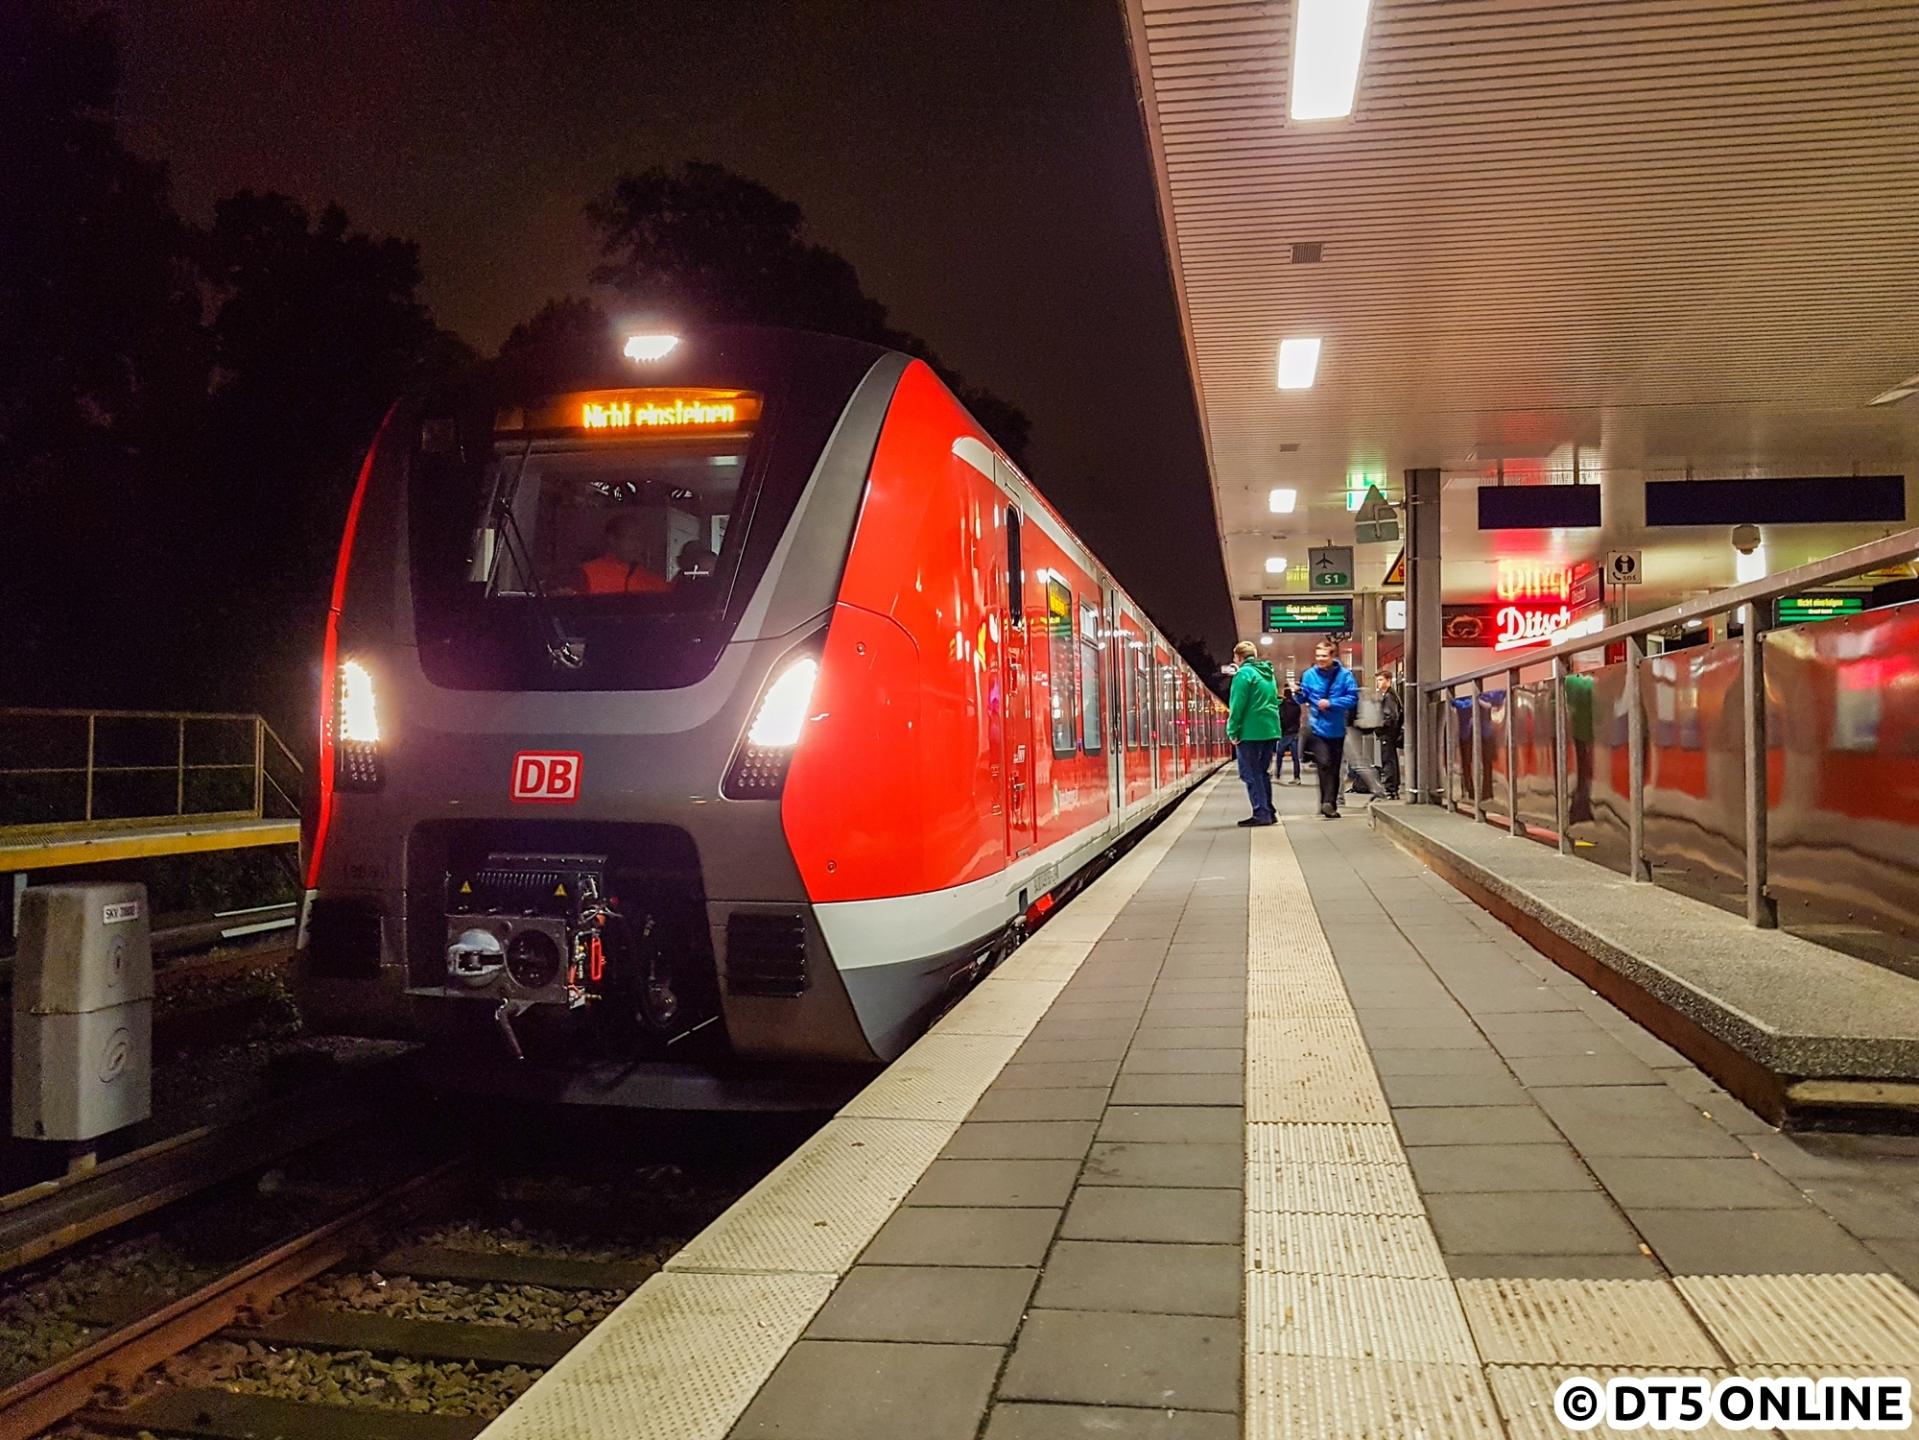 Am 11. Oktober war es so weit: Der erste Zug der Baureihe 490 sollte seine ersten Testfahrten im Hamburger S-Bahn-Netz machen. Um 20:53 und damit über eine Stunde später als man aus dem Buschfunk vernehmen konnte fuhr der Zug an den Bahnsteig heran und zunächst nach Poppenbüttel. Am Freitag ging es für den Zug 490 101 wieder zurück nach Hennigsdorf. Wann die Testfahrten weitergehen, wird man sehen.